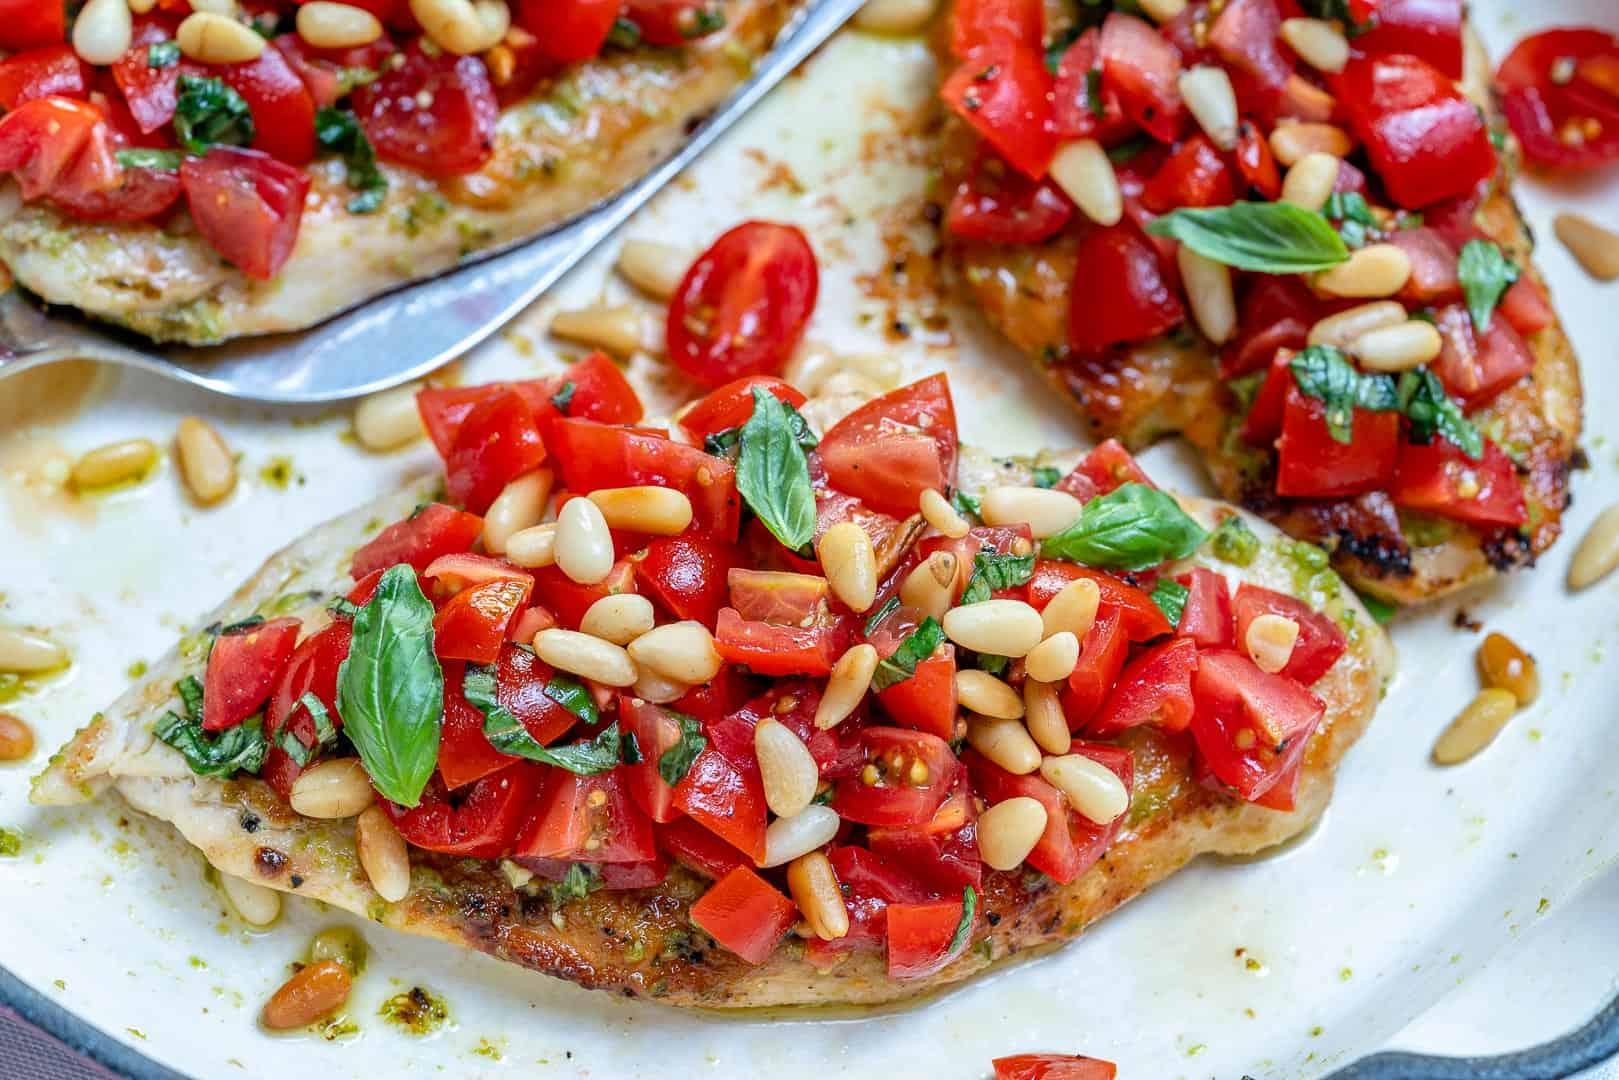 Pesto bruschetta grilled chicken